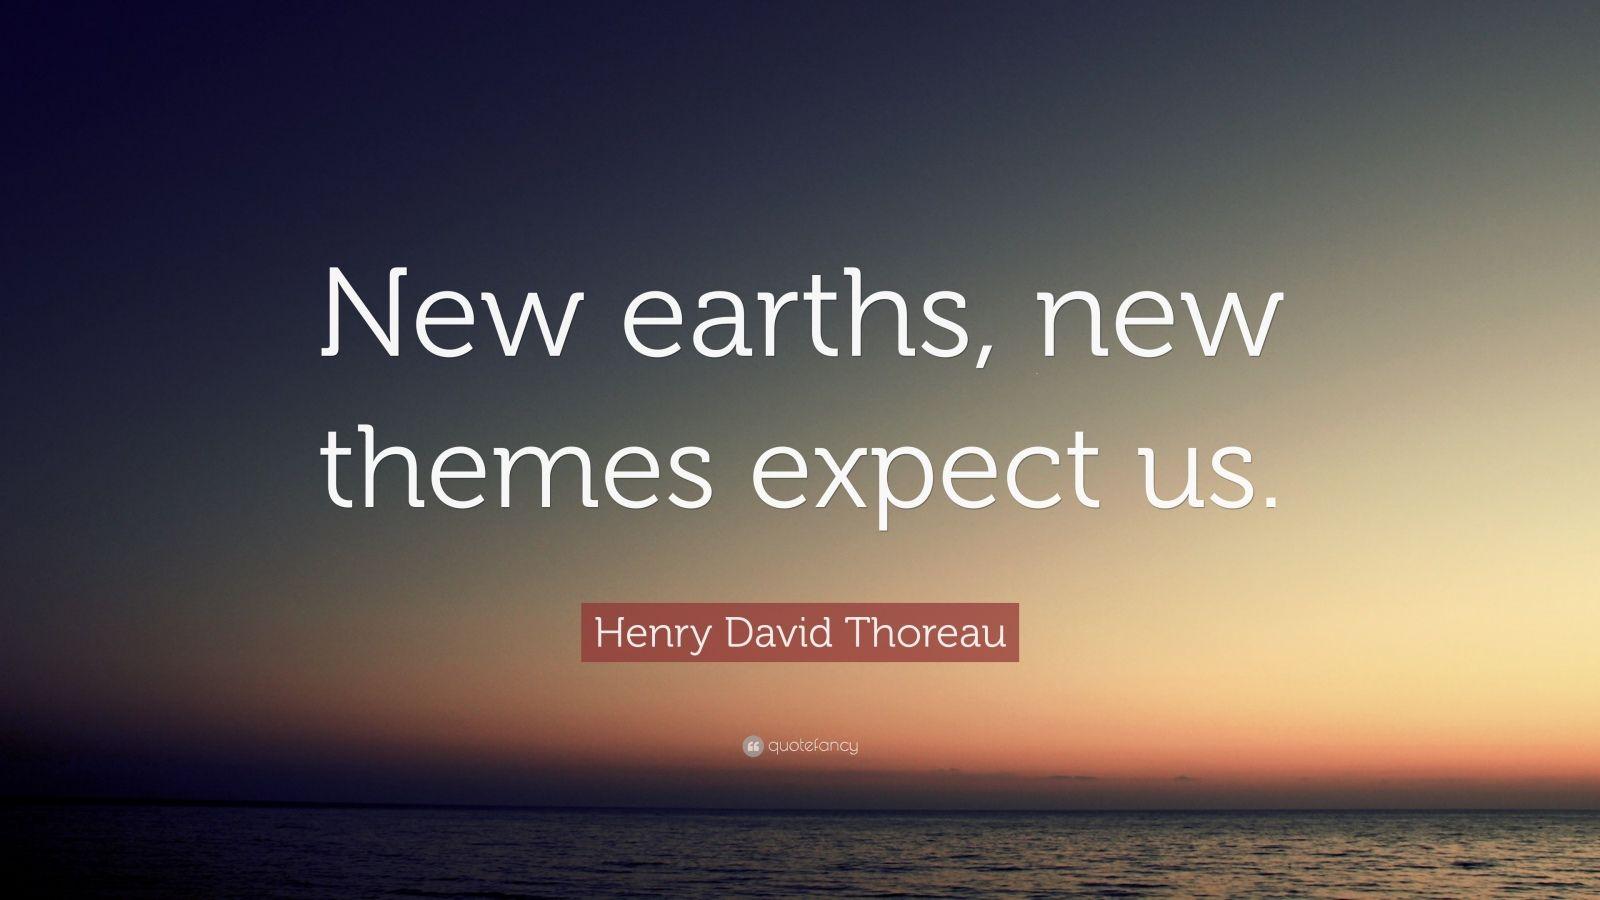 henry david thoreau themes